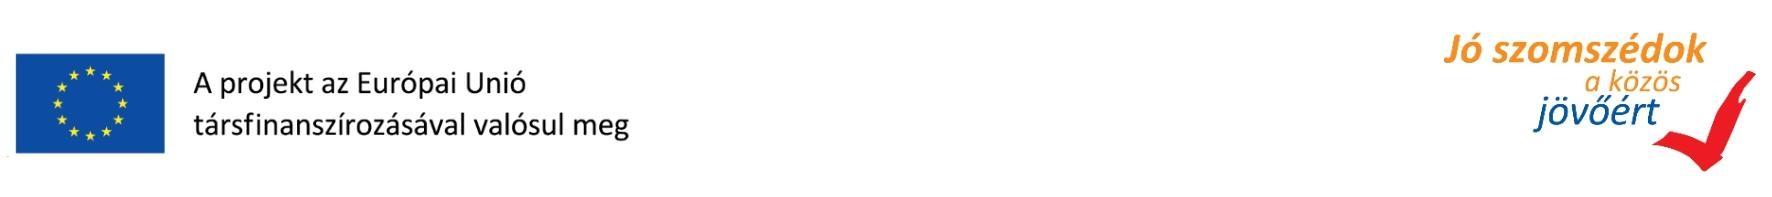 eu_joszomszedok_logo